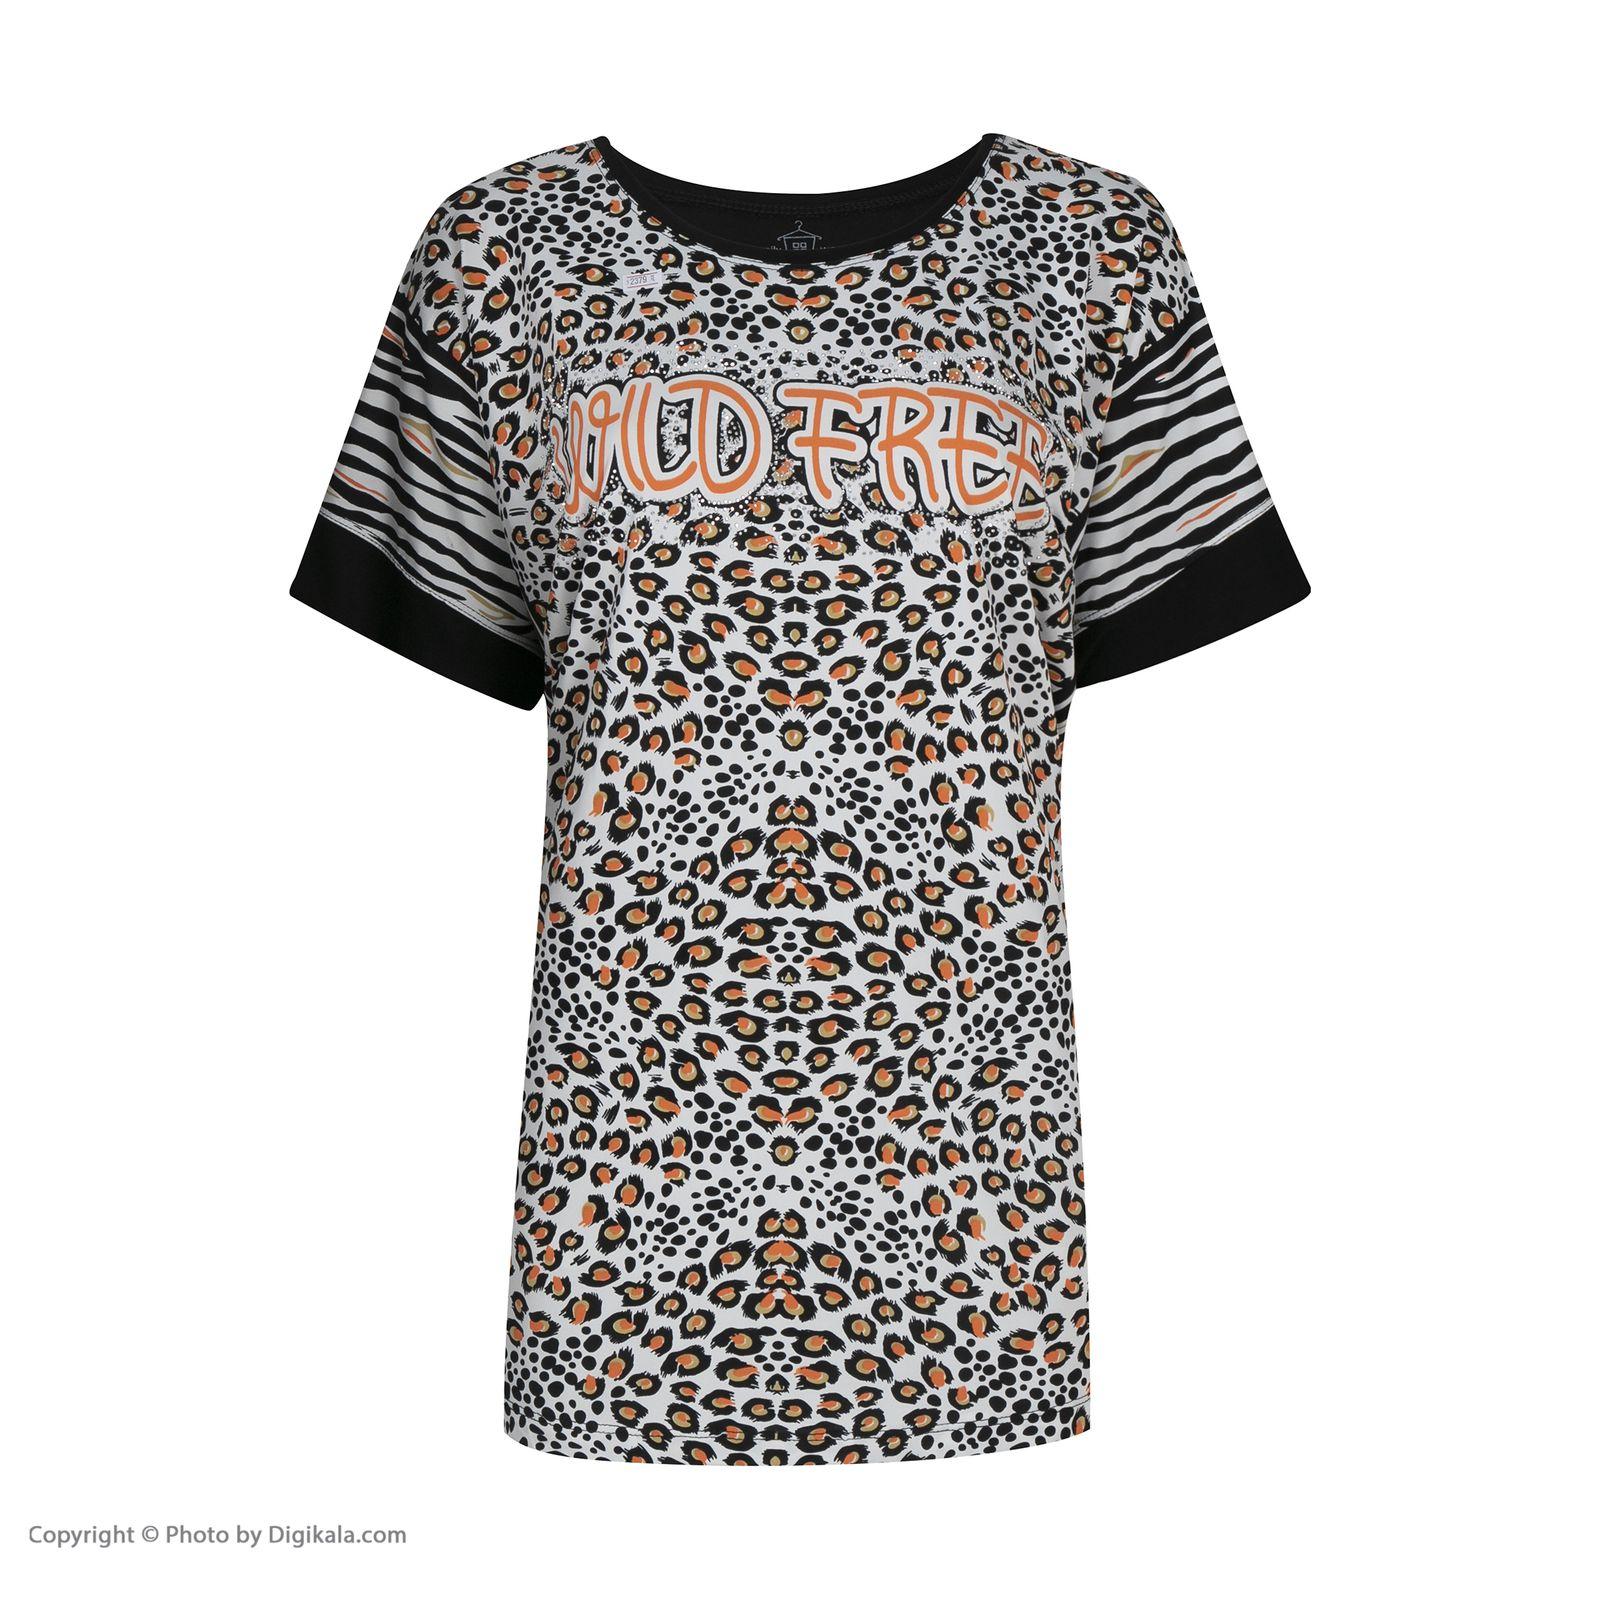 تی شرت آستین کوتاه زنانه فمیلی ور طرح پلنگی کد 172 رنگ مشکی -  - 3